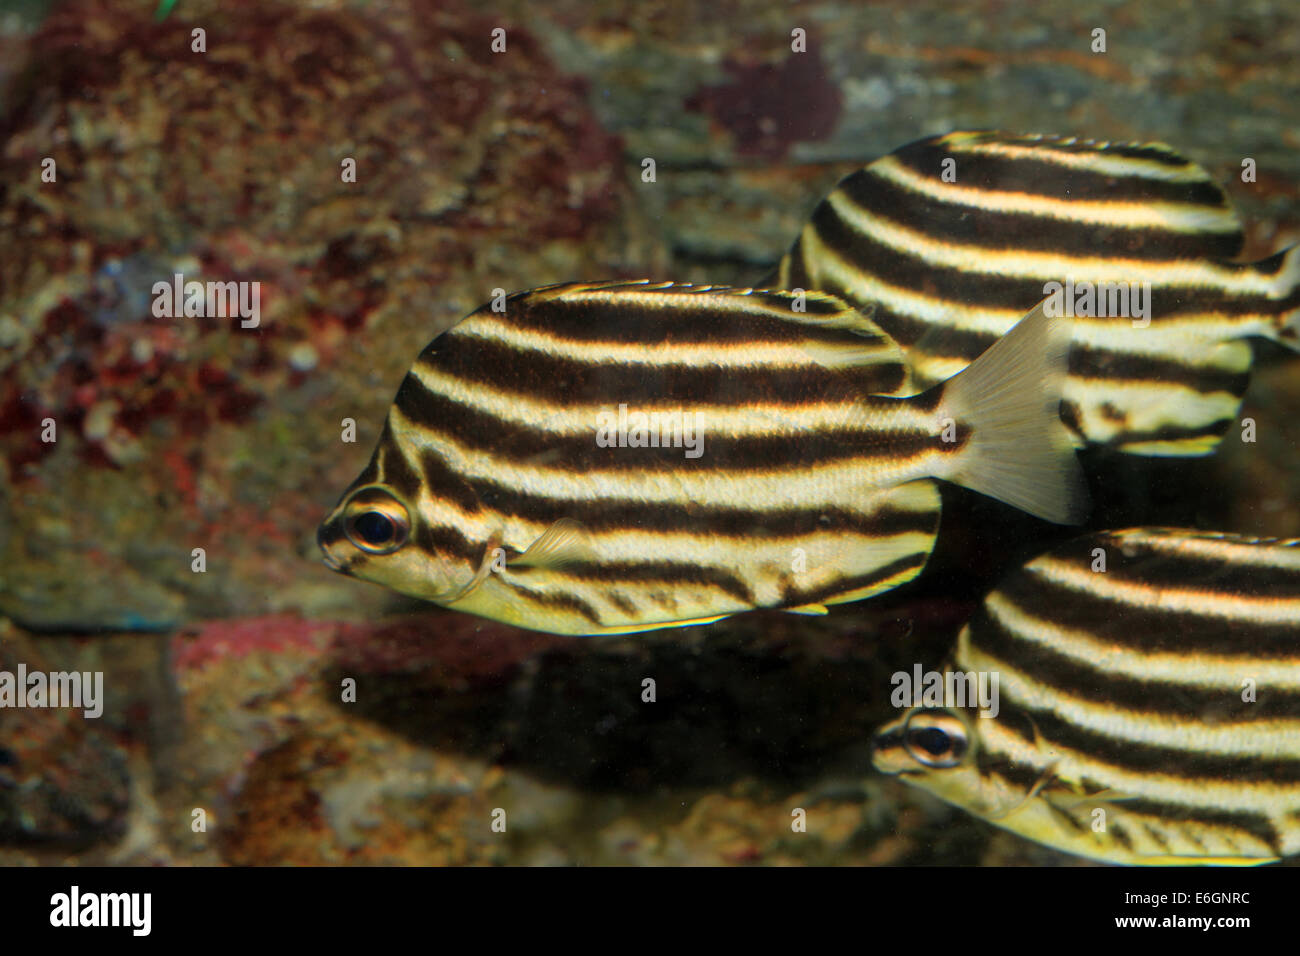 Stripey Microcanthus strigatus (pescado) en Japón Imagen De Stock